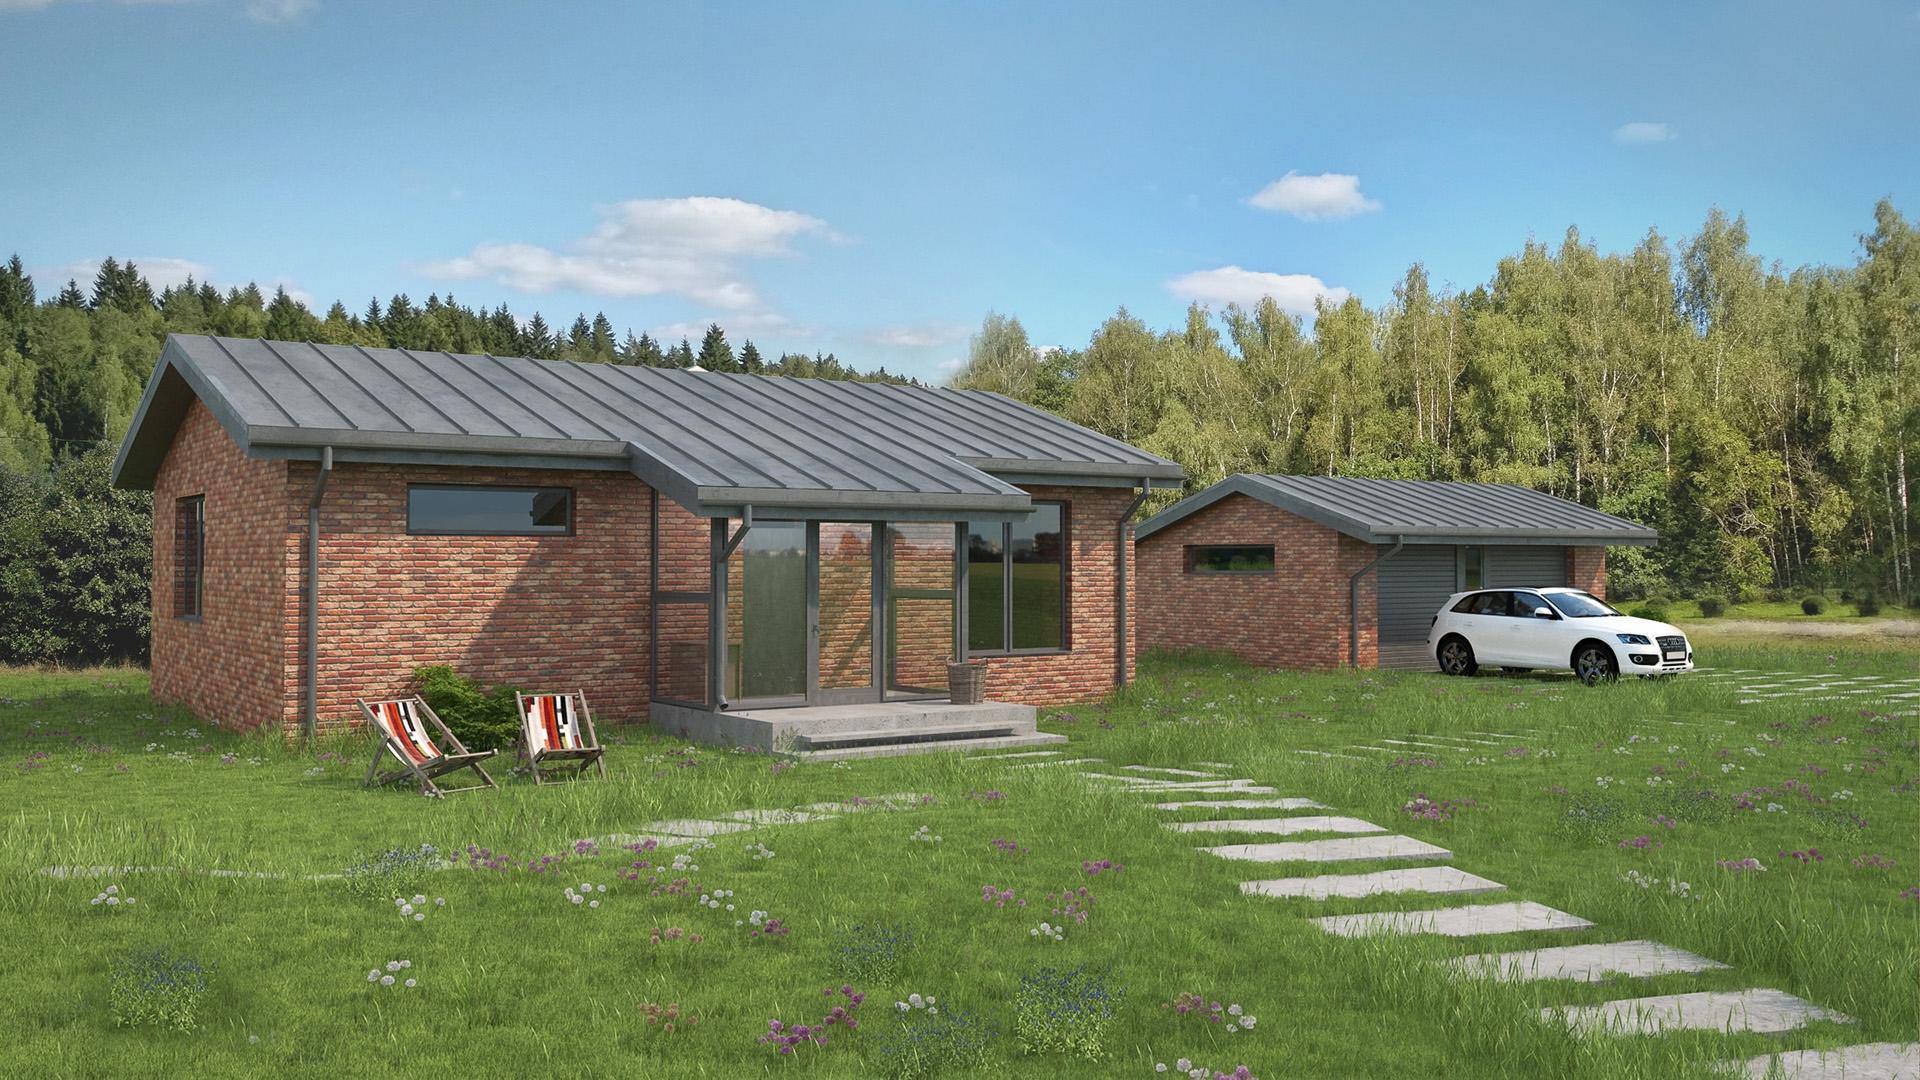 Изображение для проекта Современное поместье для большой семьи 2169